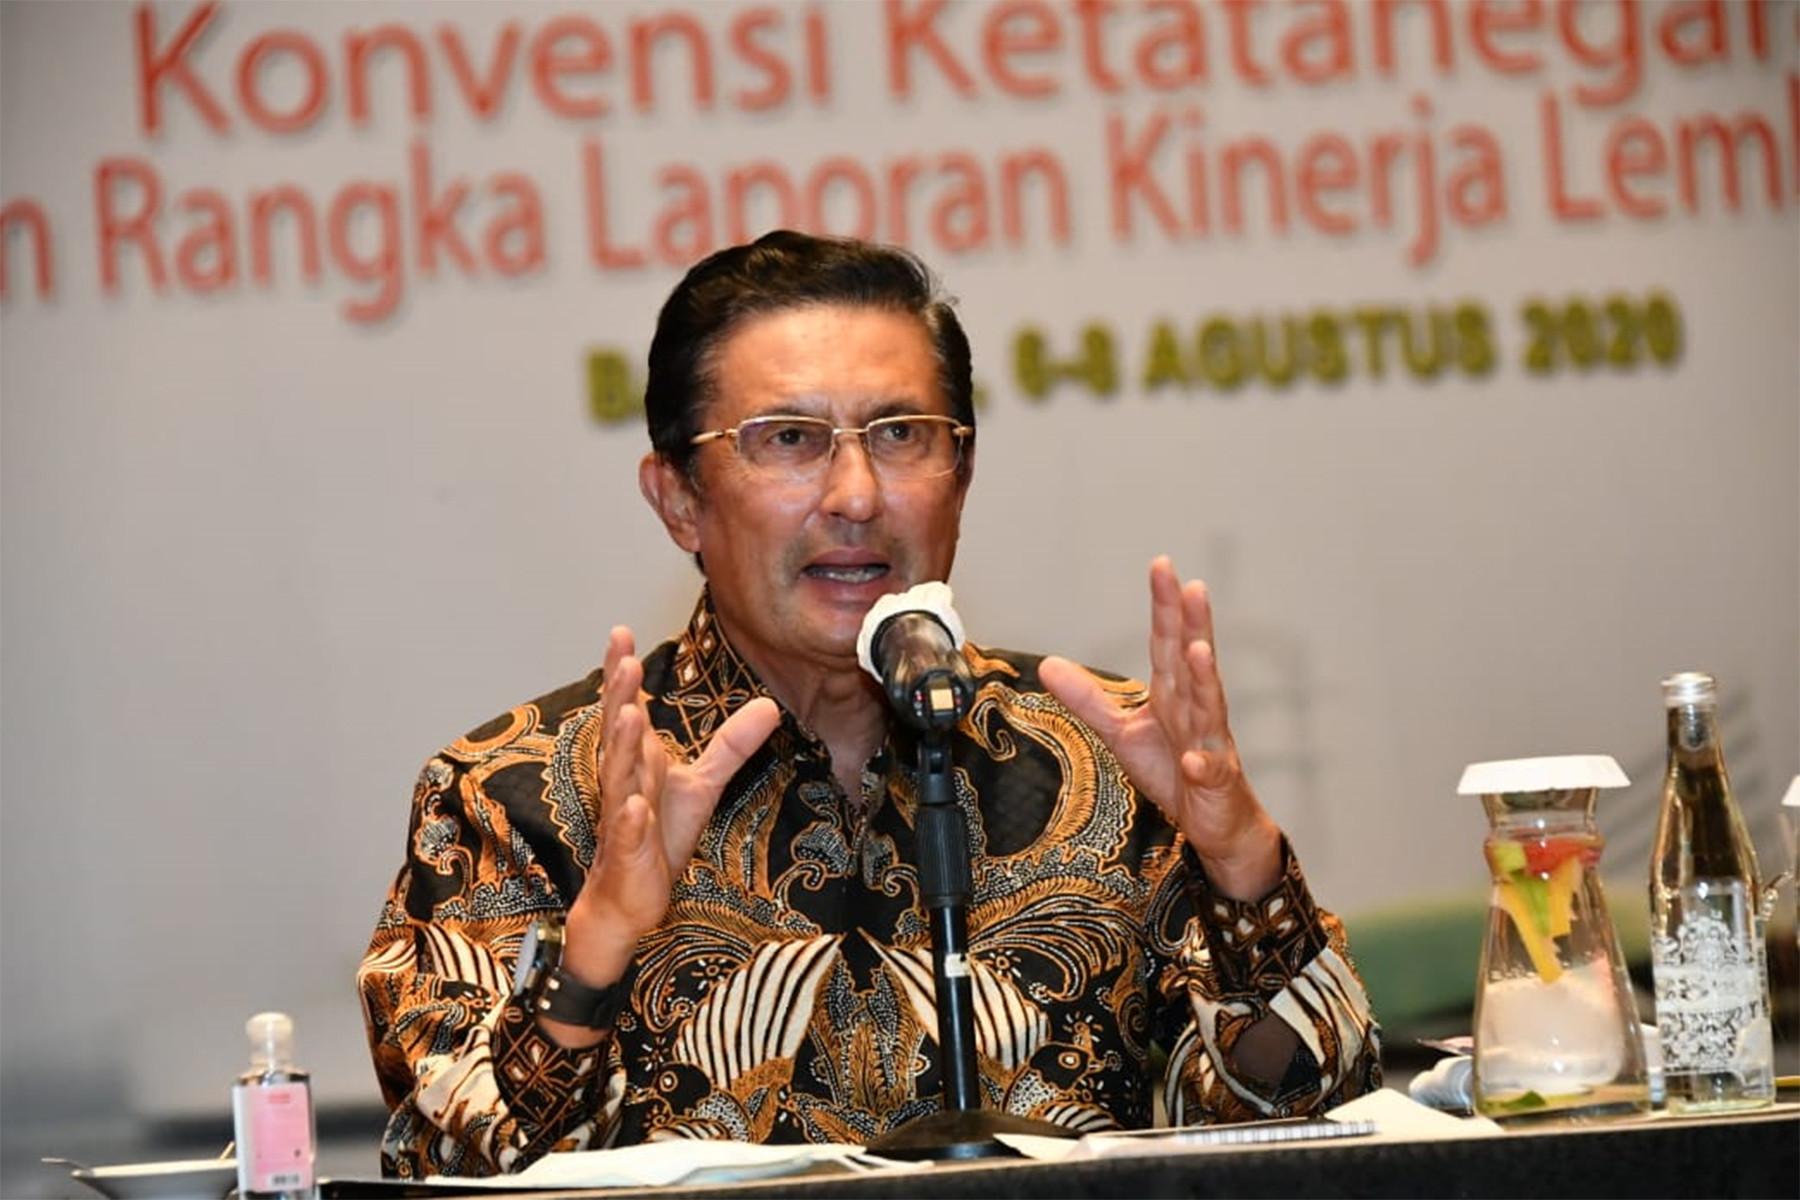 Peringati Hari Sumpah Pemuda, Fadel Muhammad Harapkan Pemuda Miliki Spirit Kewirausahaan - JPNN.com